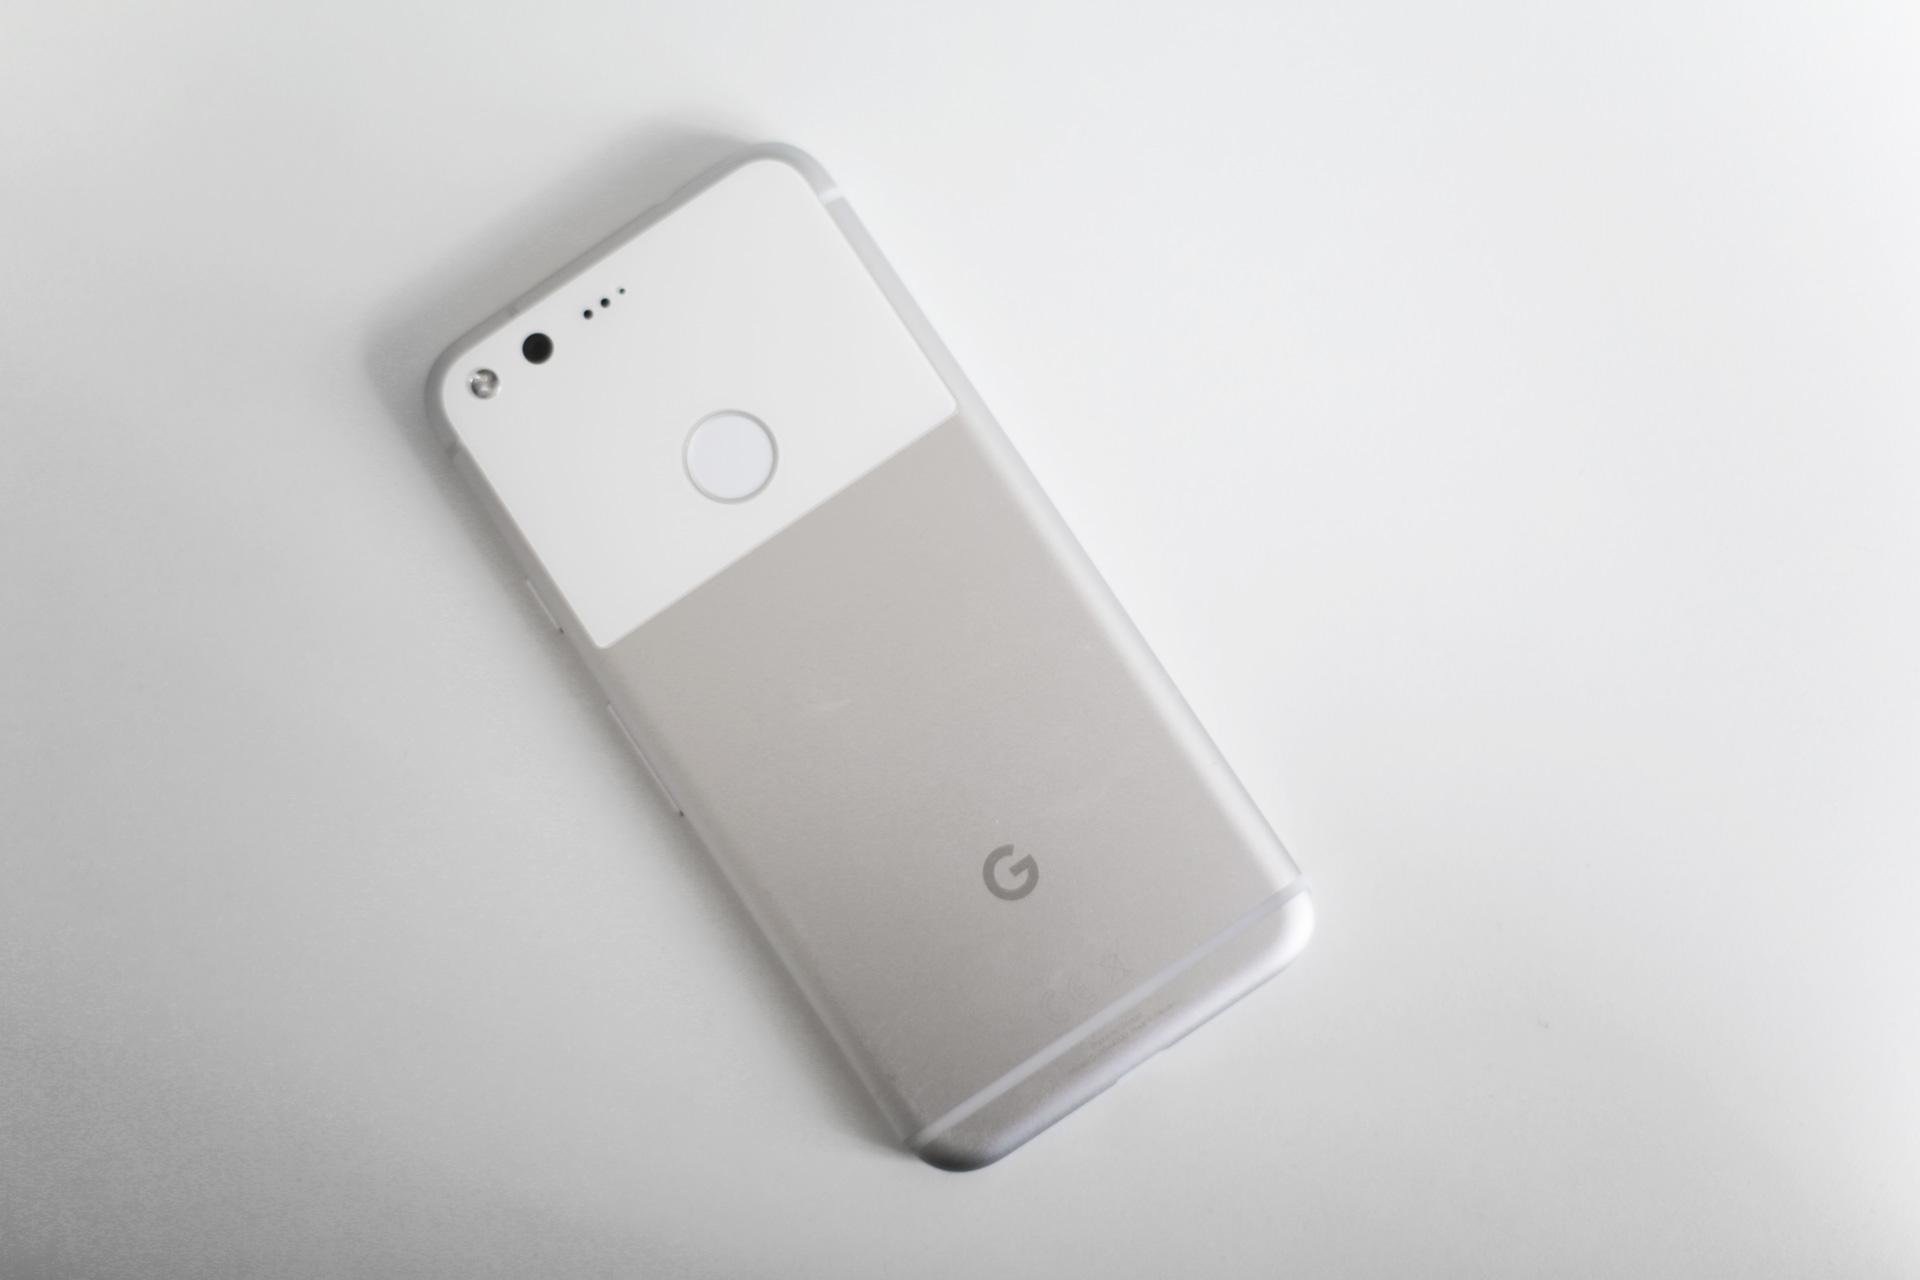 Google Pixel –Aesthetics